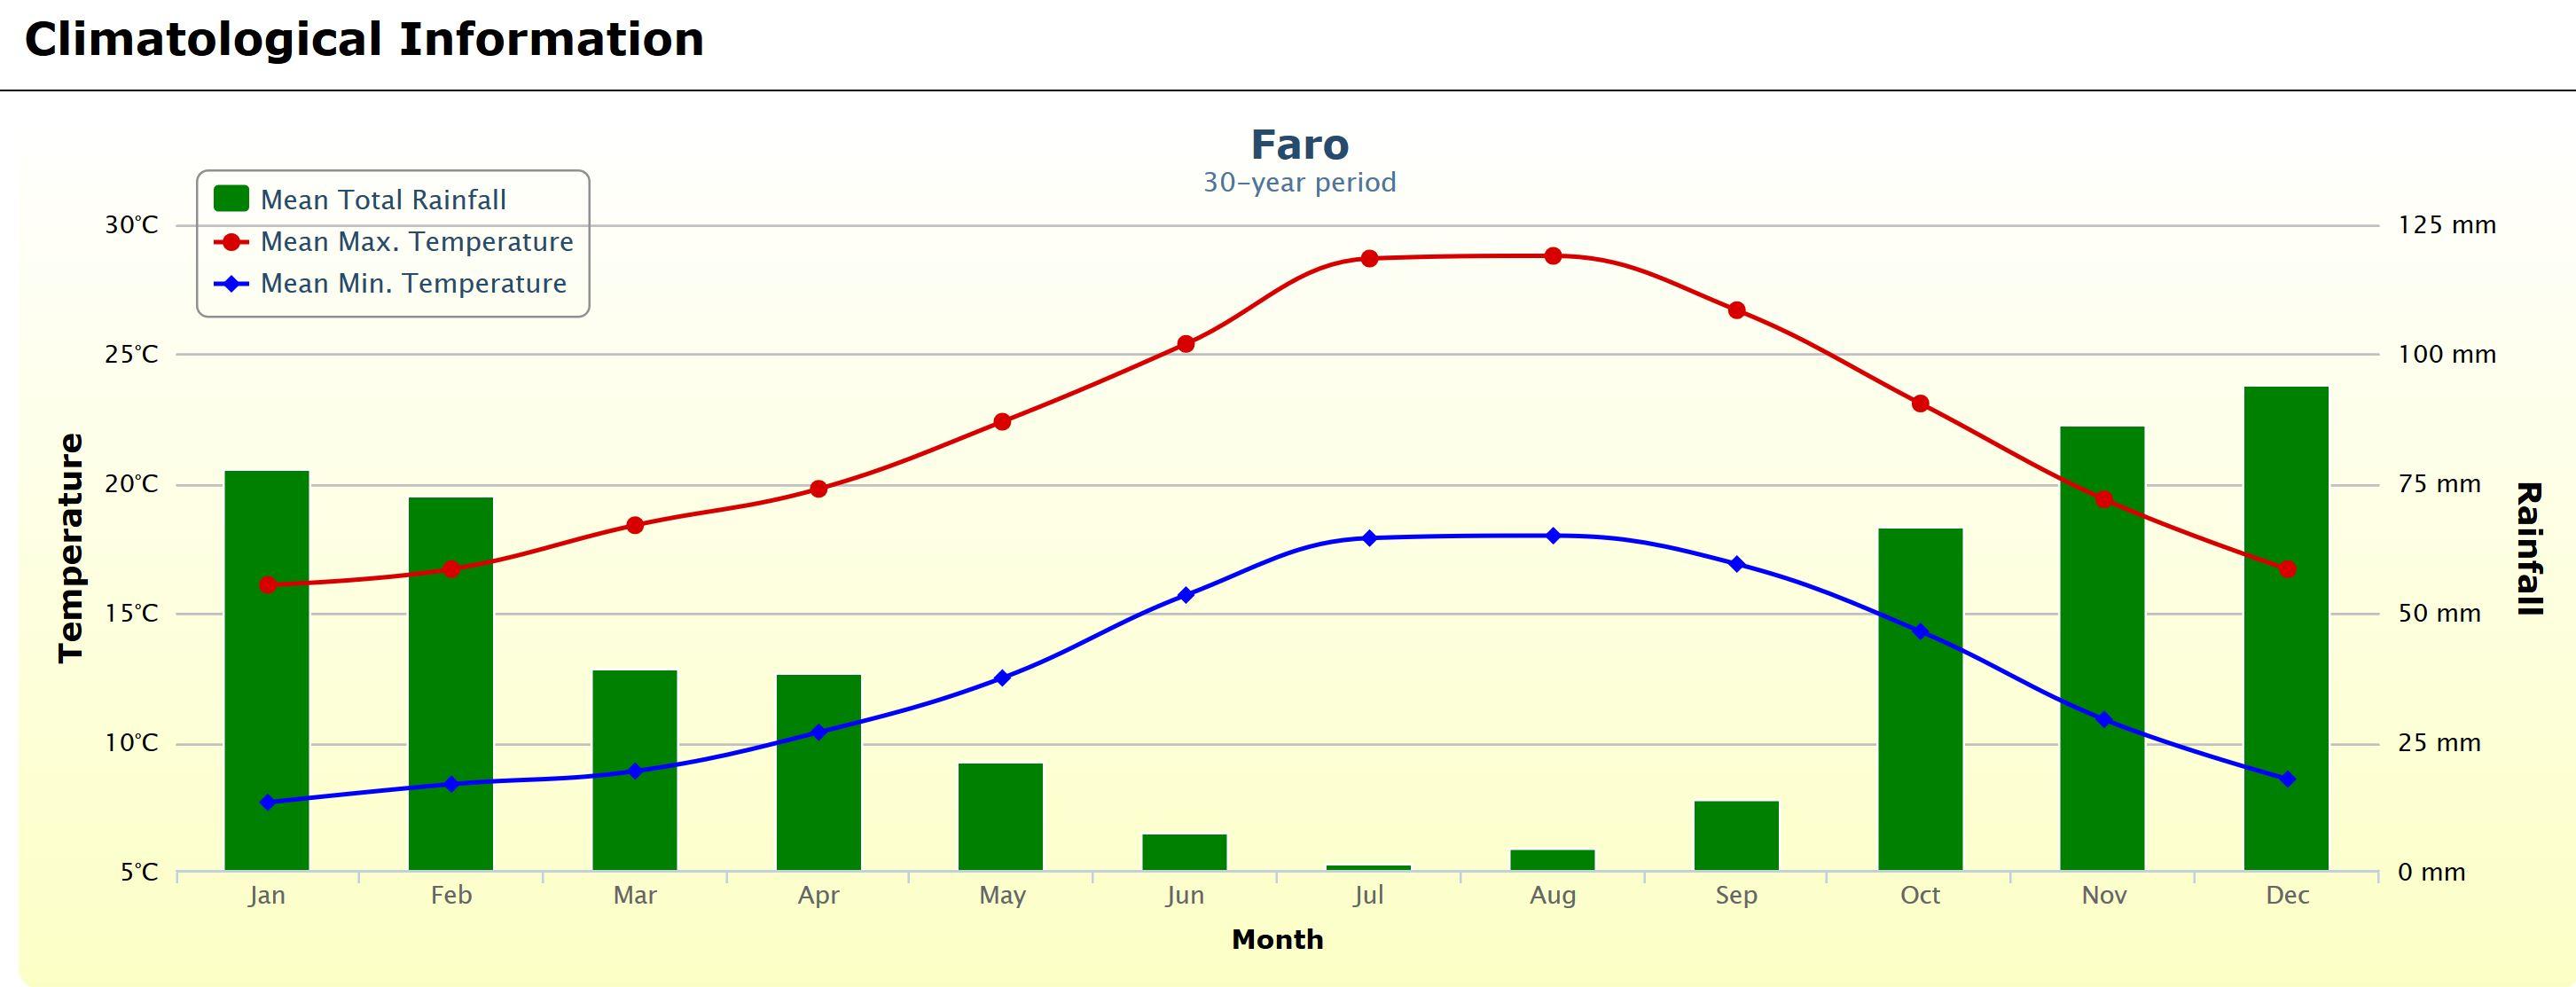 faro-klimadaten-30-jahre